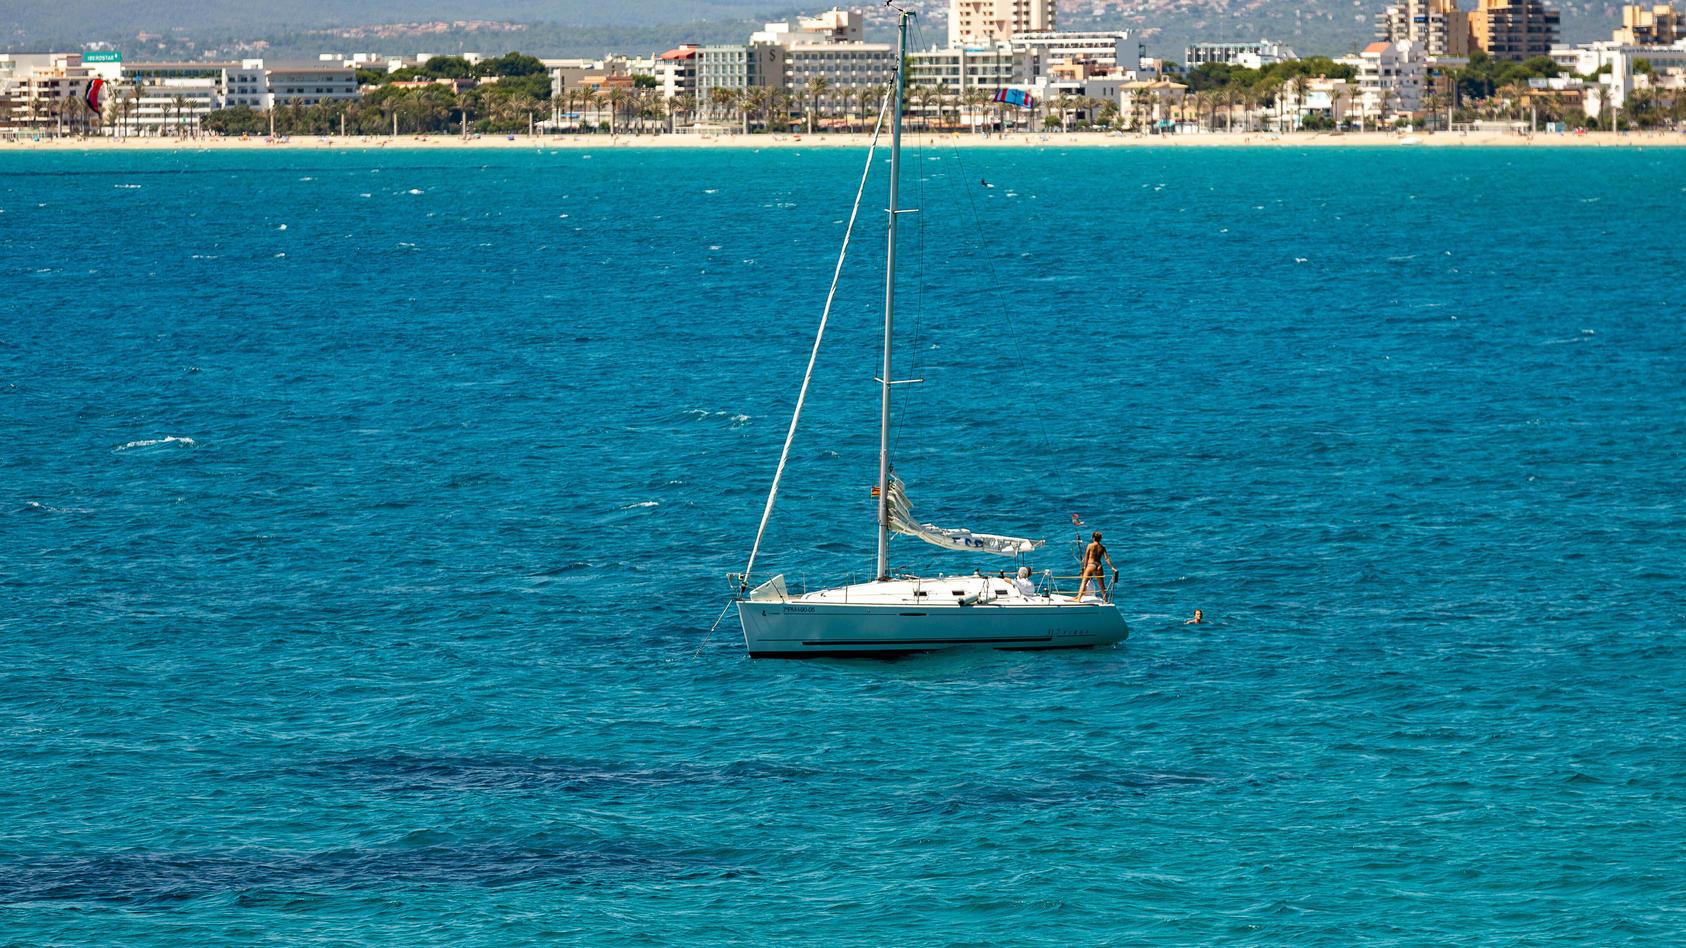 Spanien, Eindrücke aus Mallorca Mallorca GER, Themenfoto, Urlaub auf Mallorca, Tourismus in Zeiten der Corona-Pandemie,